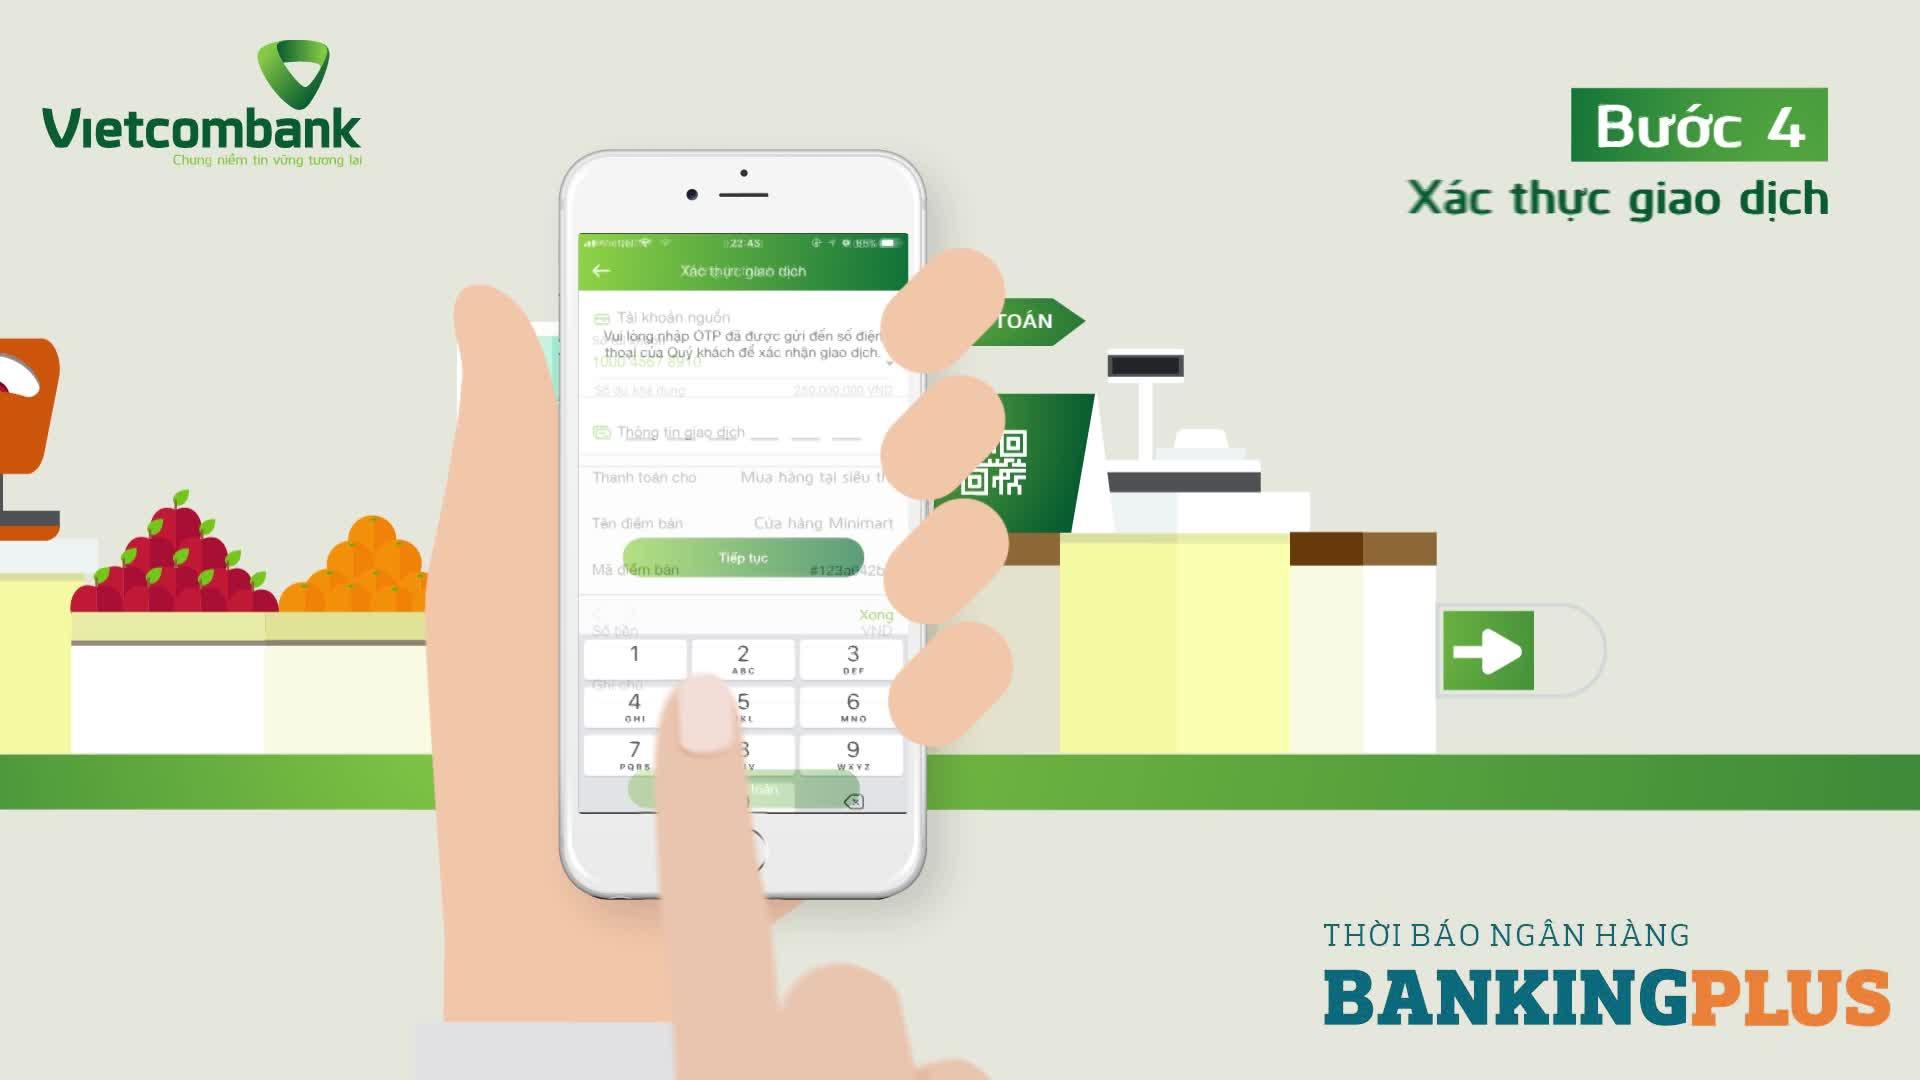 Hướng dẫn sử dụng dịch vụ QR Pay thông qua ứng dụng VCB-Mobile B@nking